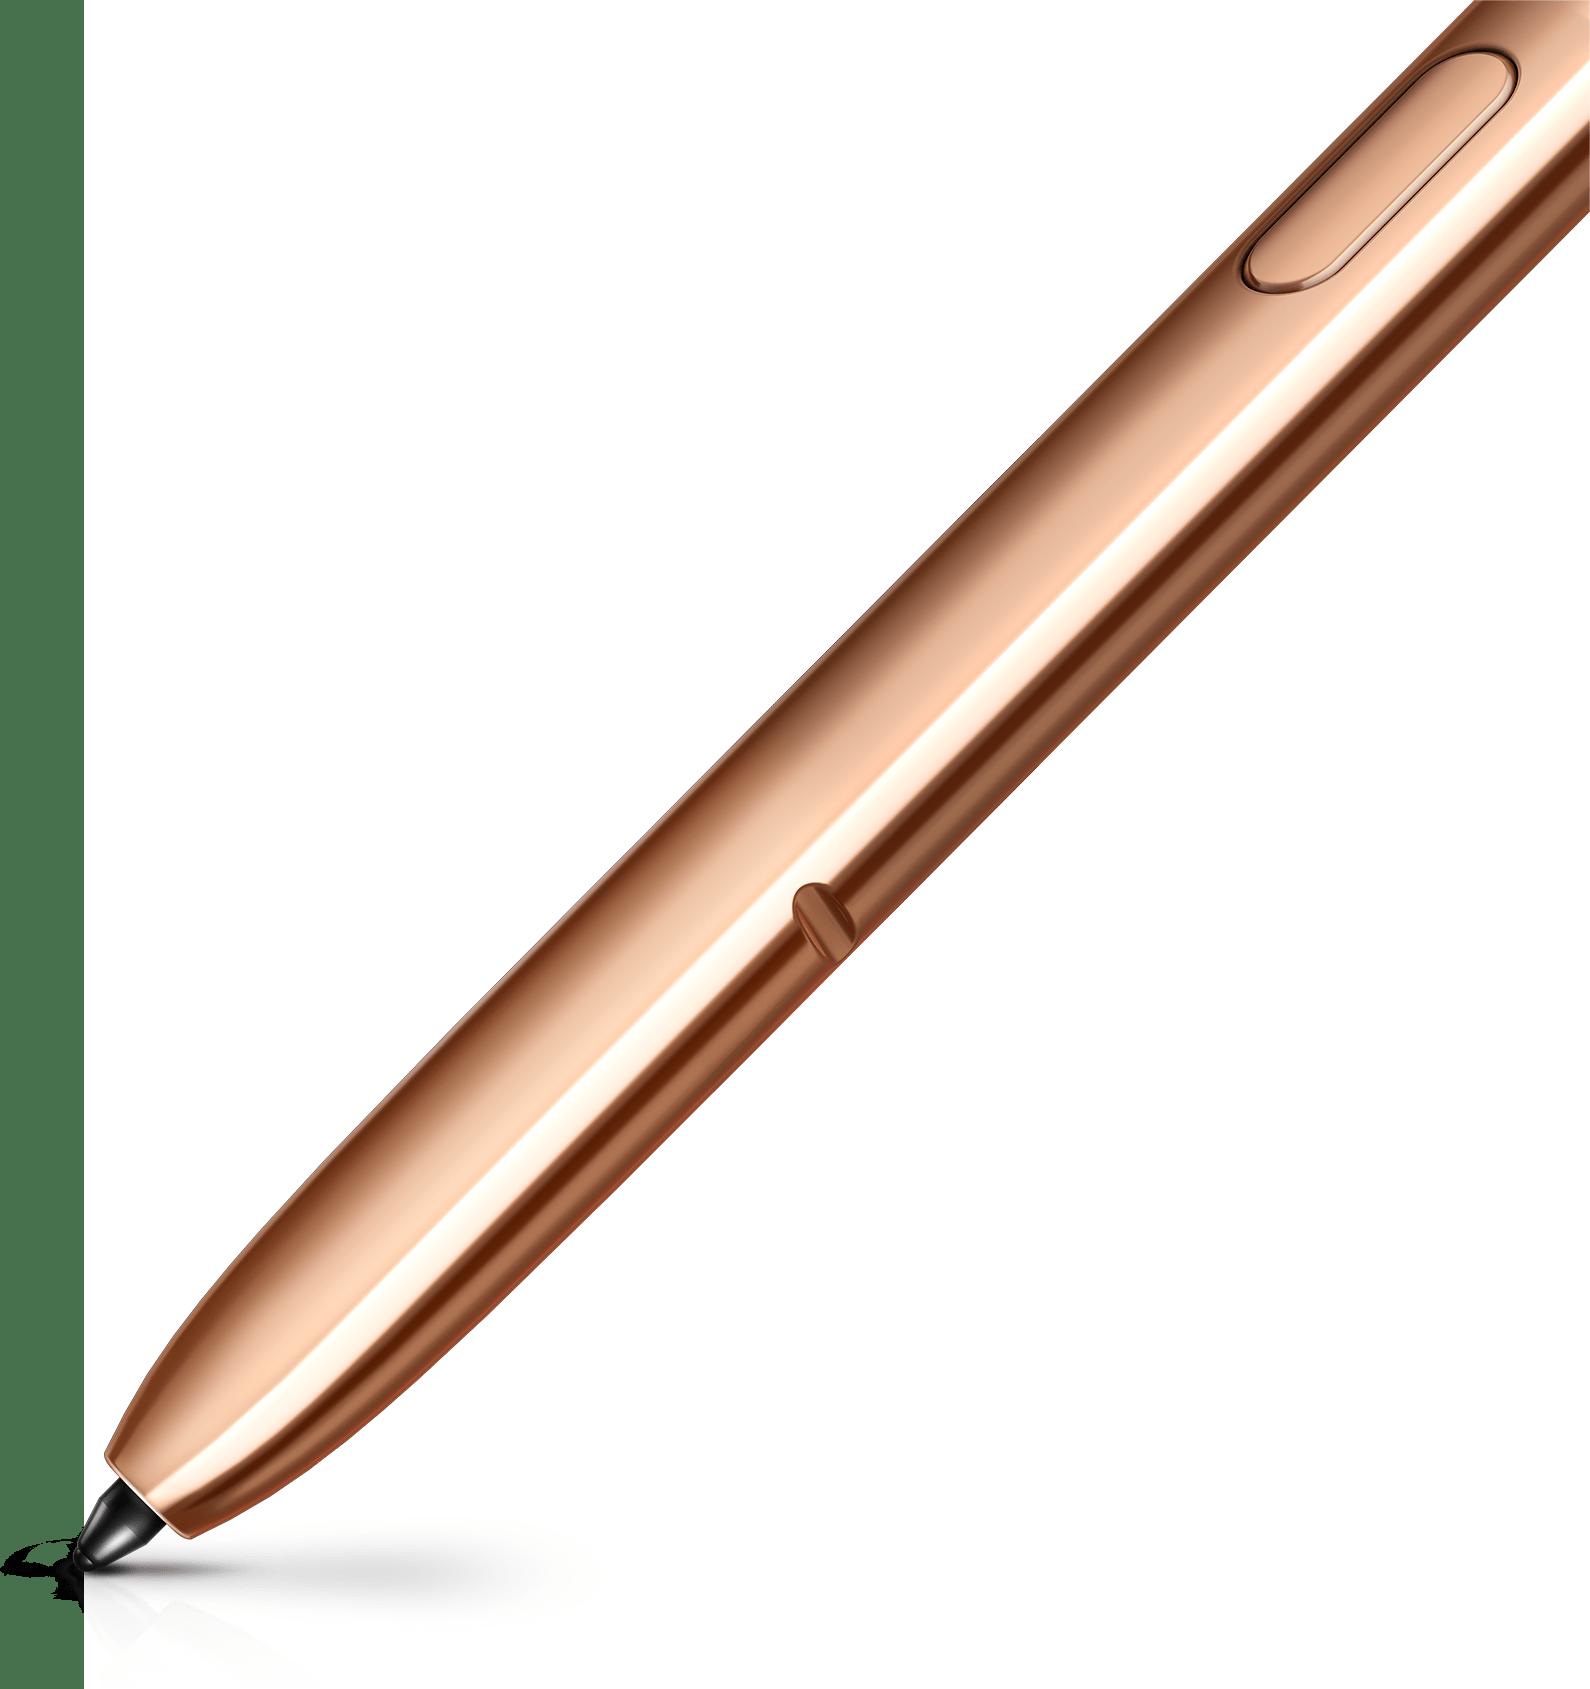 Primerísimo primer plano de la parte inferior del SPen de bronce que muestra la punta. Se ve un trazo de bronce que sale de la punta.